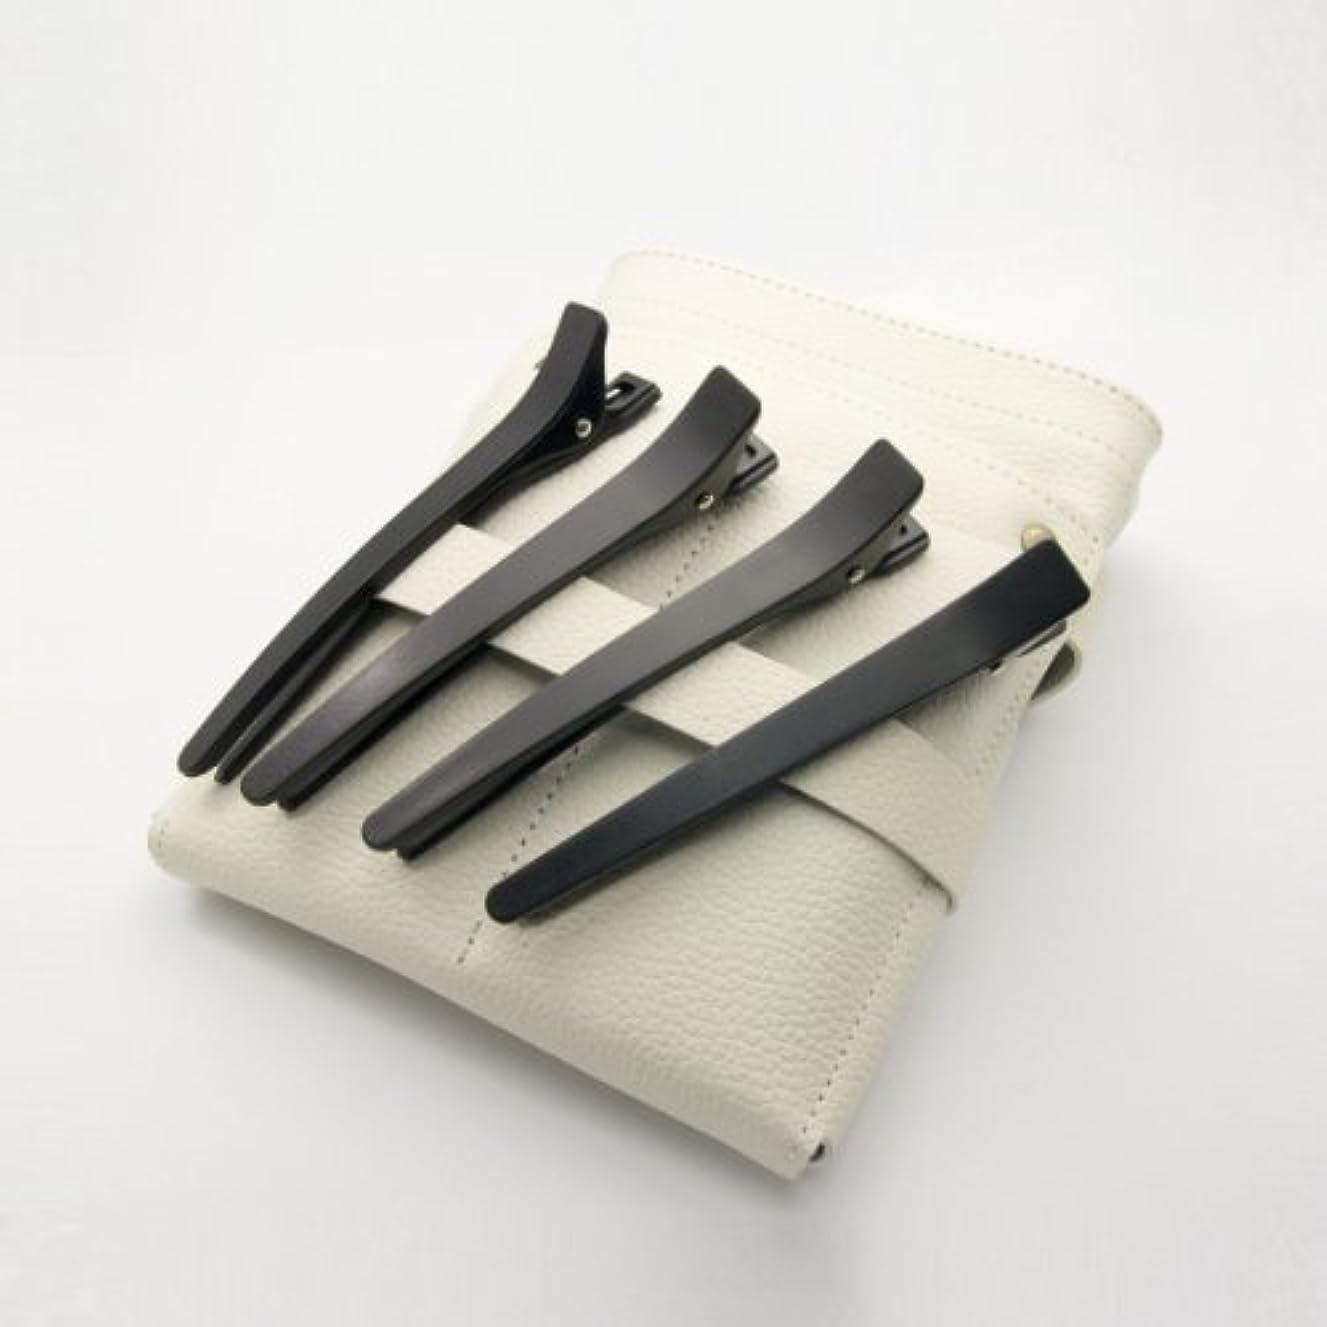 プロ用 ダッカール マットブラック 美容 クリップピン 黒 ヘアクリップ 美容小物